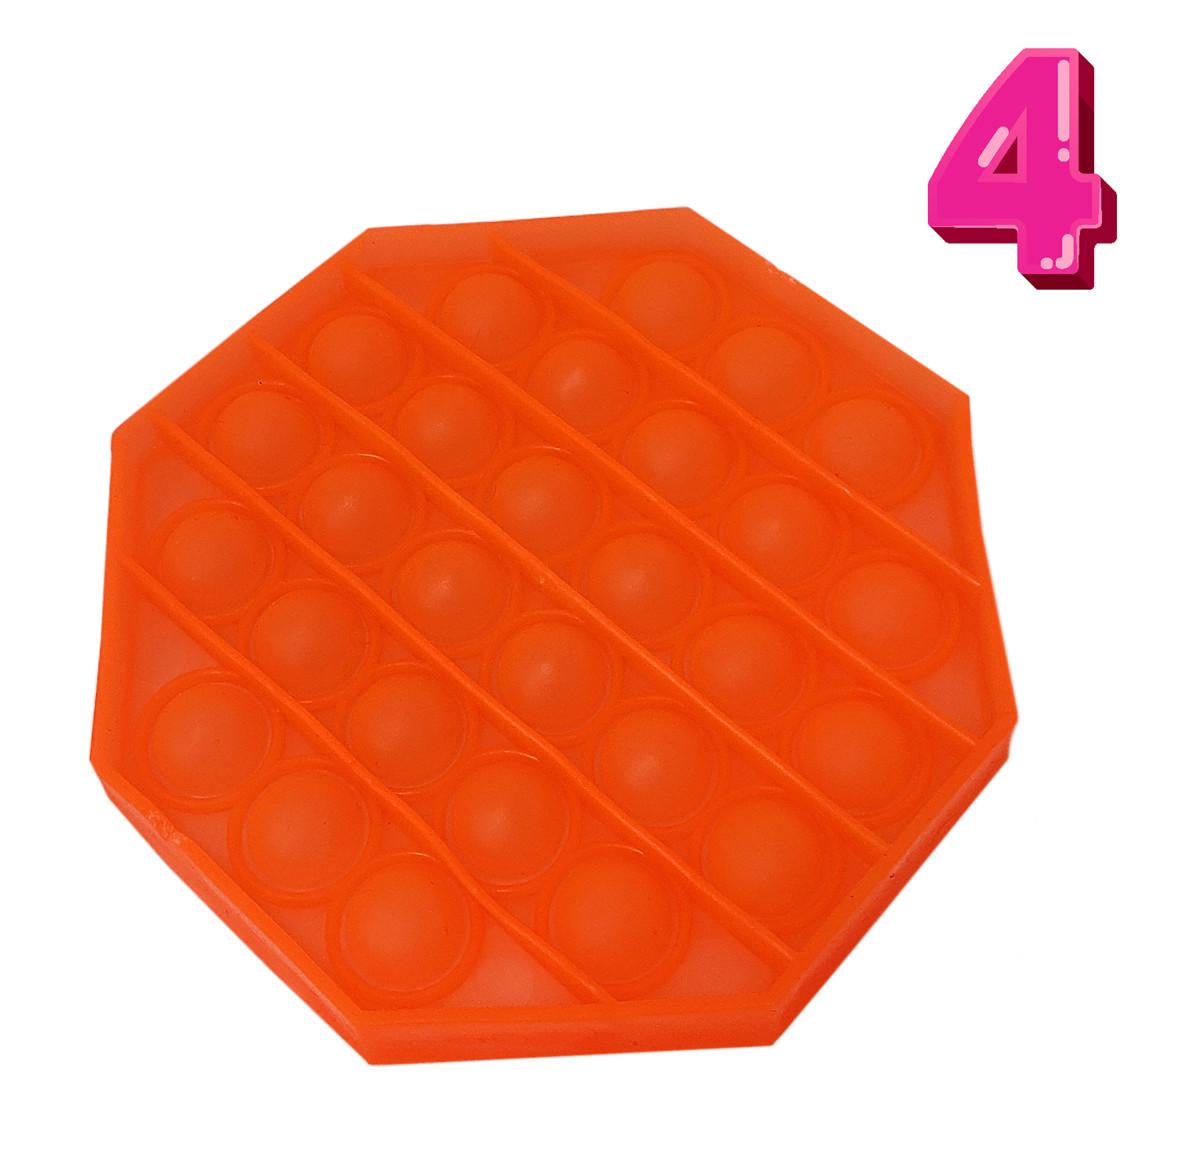 Сенсорна іграшка антистрес Помаранчевий восьмикутник 12.5х12.5 см №4, Pop It антистрес для рук